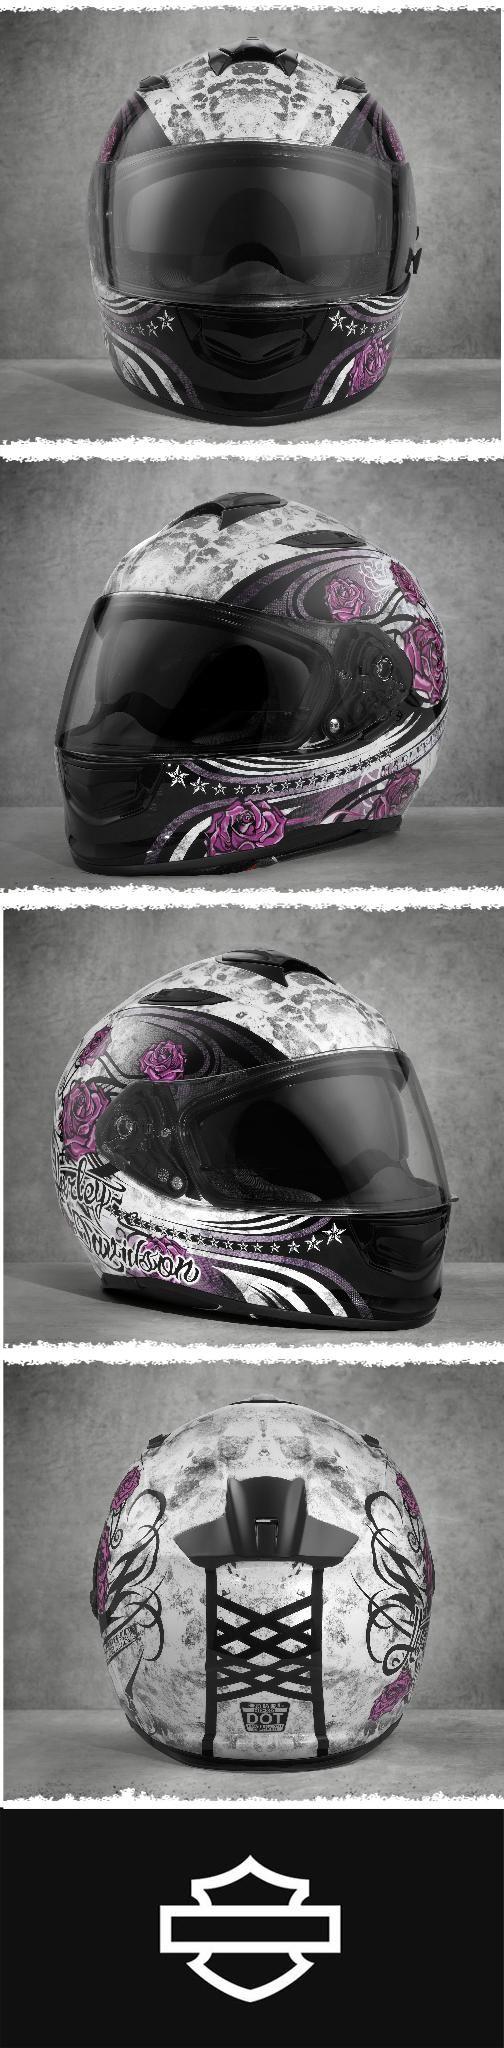 Considering a full-face helmet? Look no more.   Harley-Davidson Landscape Airfit Sun Shield X03 Full-Face Helmet